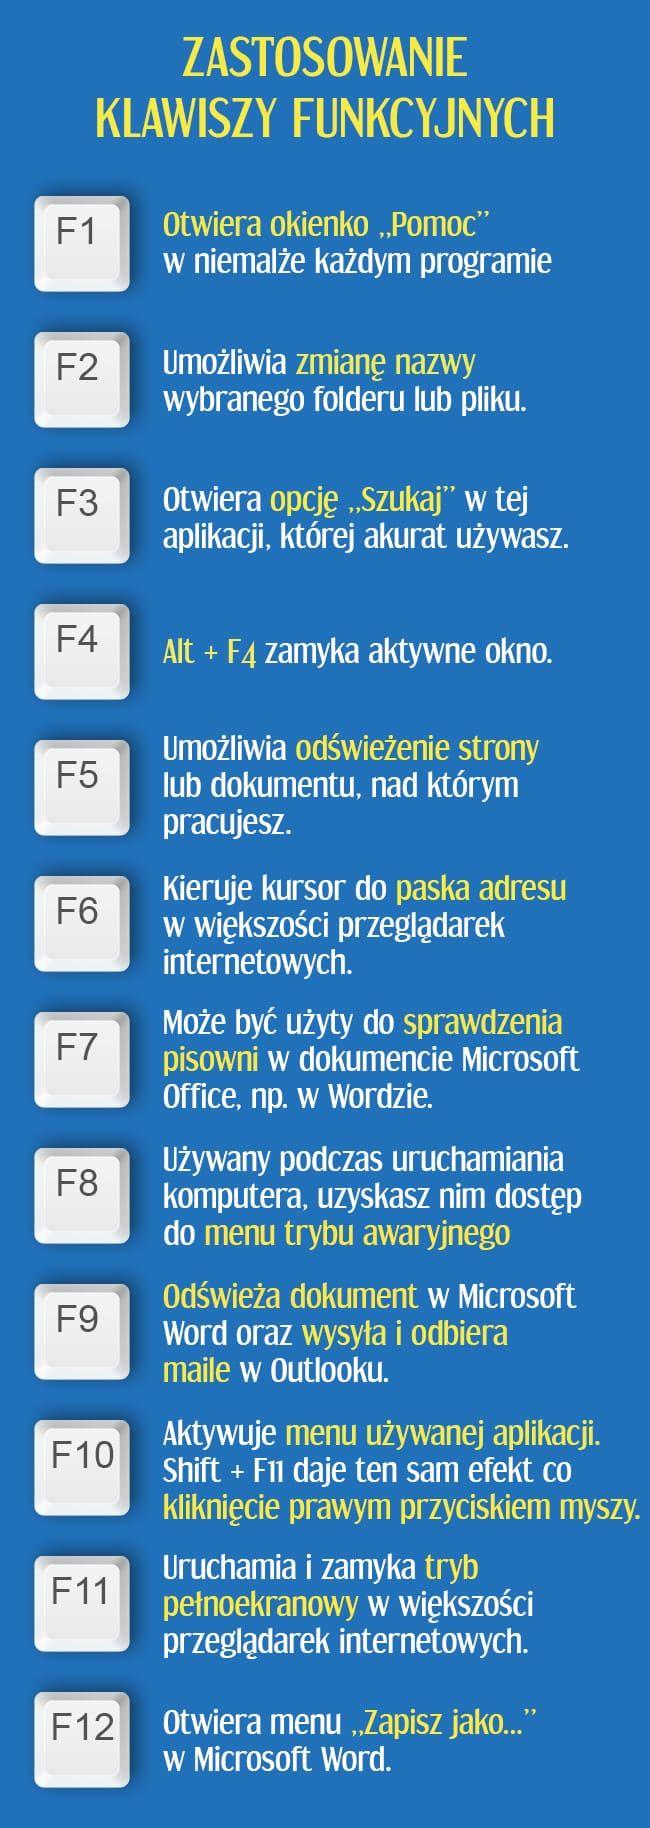 Klawisze funkcyjne – od F1 do F12 - znajdujące się w górnej części klawiatury, nie są tam po to, aby zbierać kurz.   Są im przypisane różne funkcje, a niektóre z nich na pewno Ci się przydadzą.  Zapraszamy Cię do odkrycia wielu zastosowań klawiszy funkcyjnych, dzięki czemu odkryjesz mnóstwo now